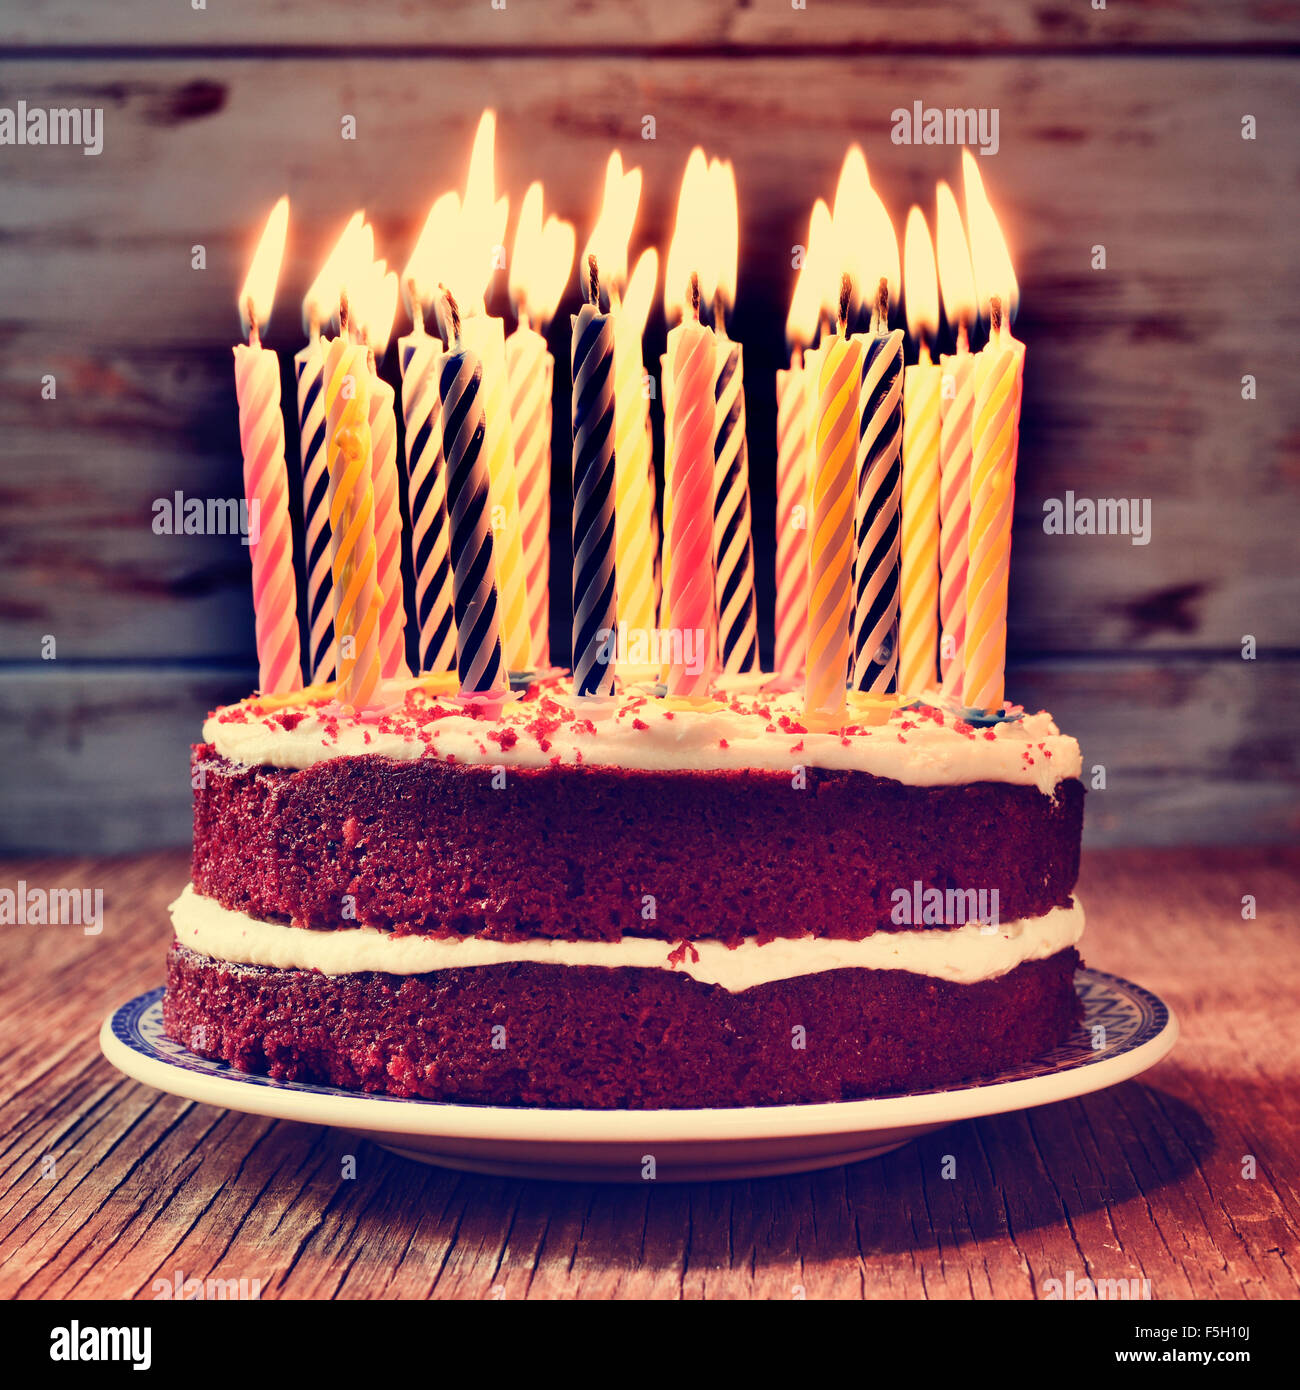 Un pastel coronado con algunas velas antes de soplar la torta, sobre una tabla de madera rústica, con un efecto Imagen De Stock